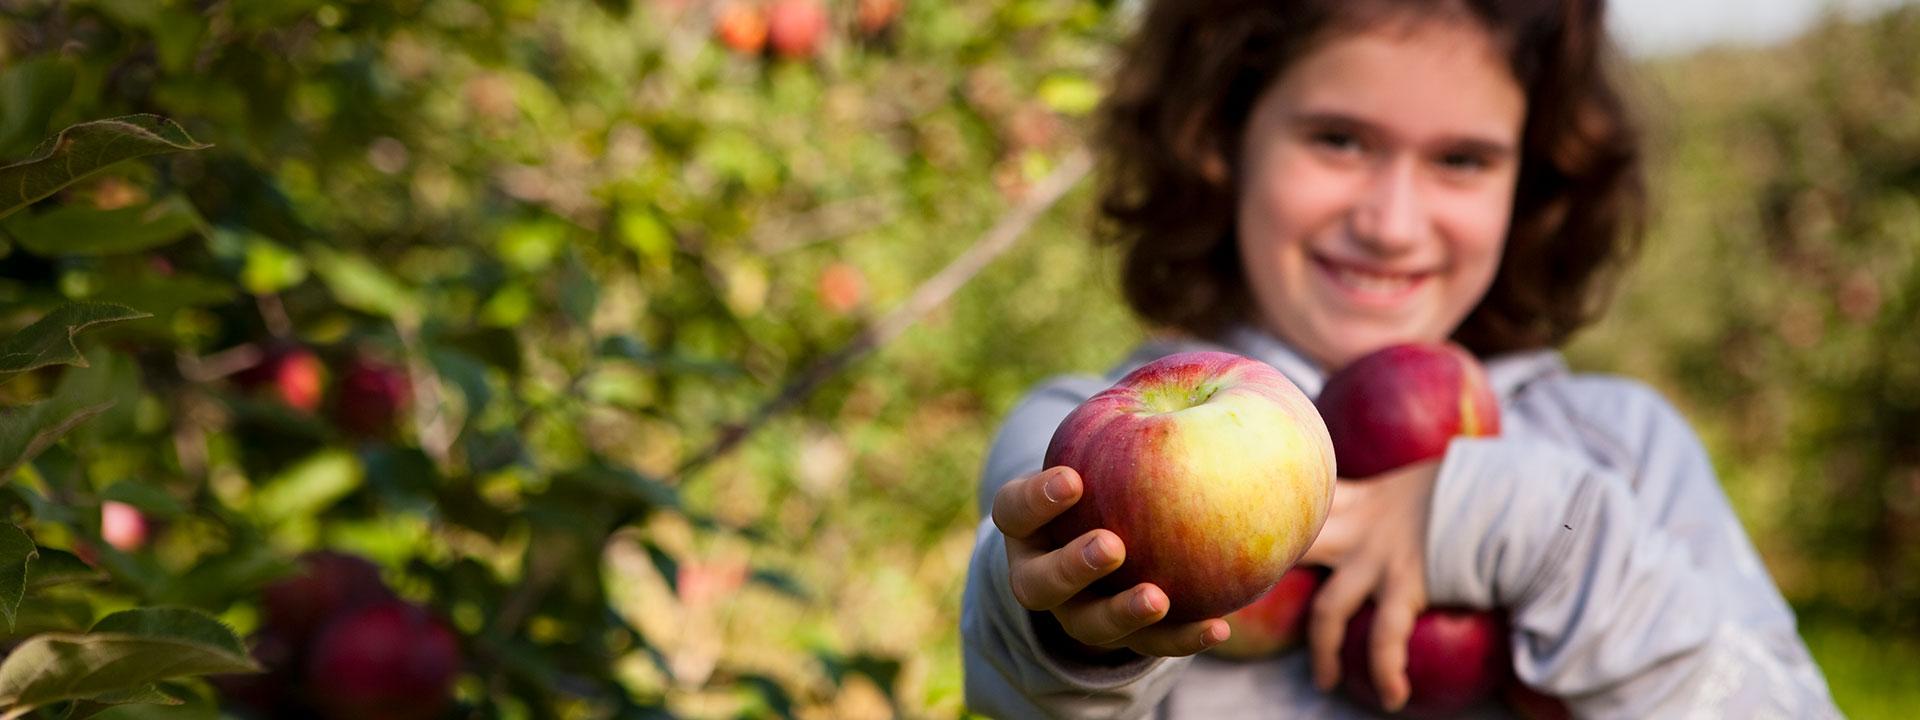 Venez ceuillir vos pommes biologiques au verger Au coeur de la pomme